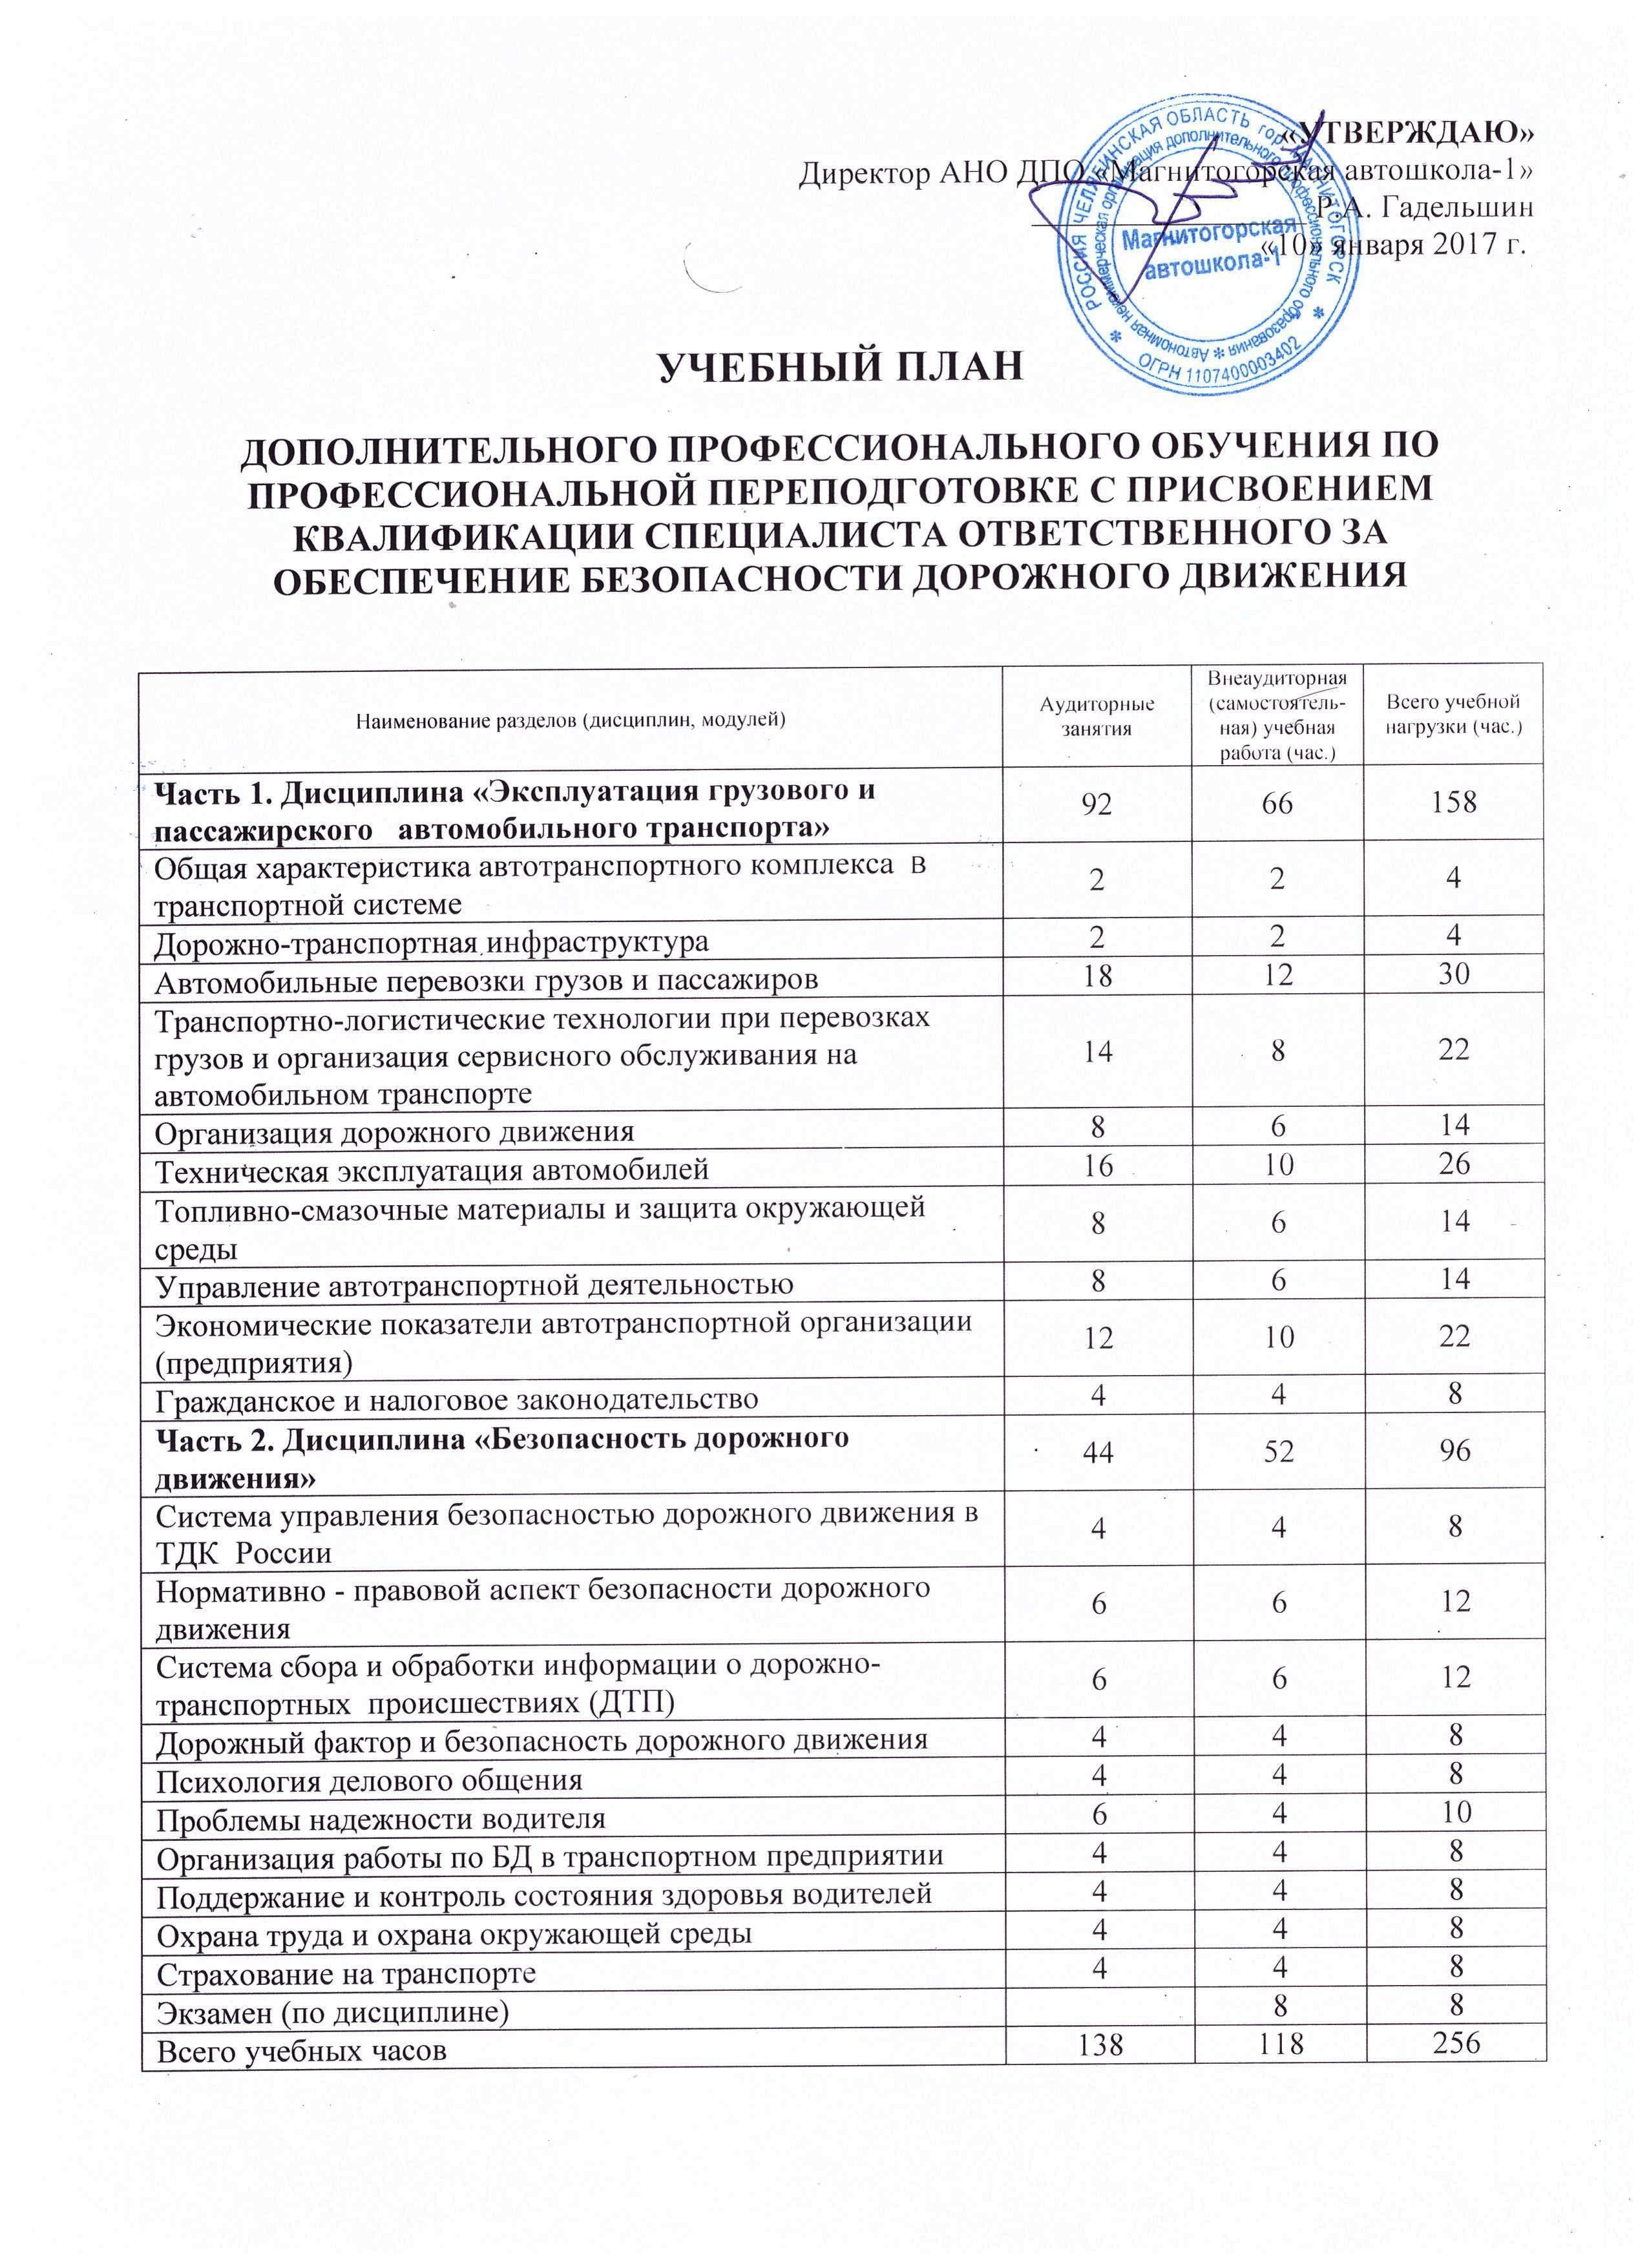 Казахстанская инструкция для лиц ответственных за безопасное производство работ кранами